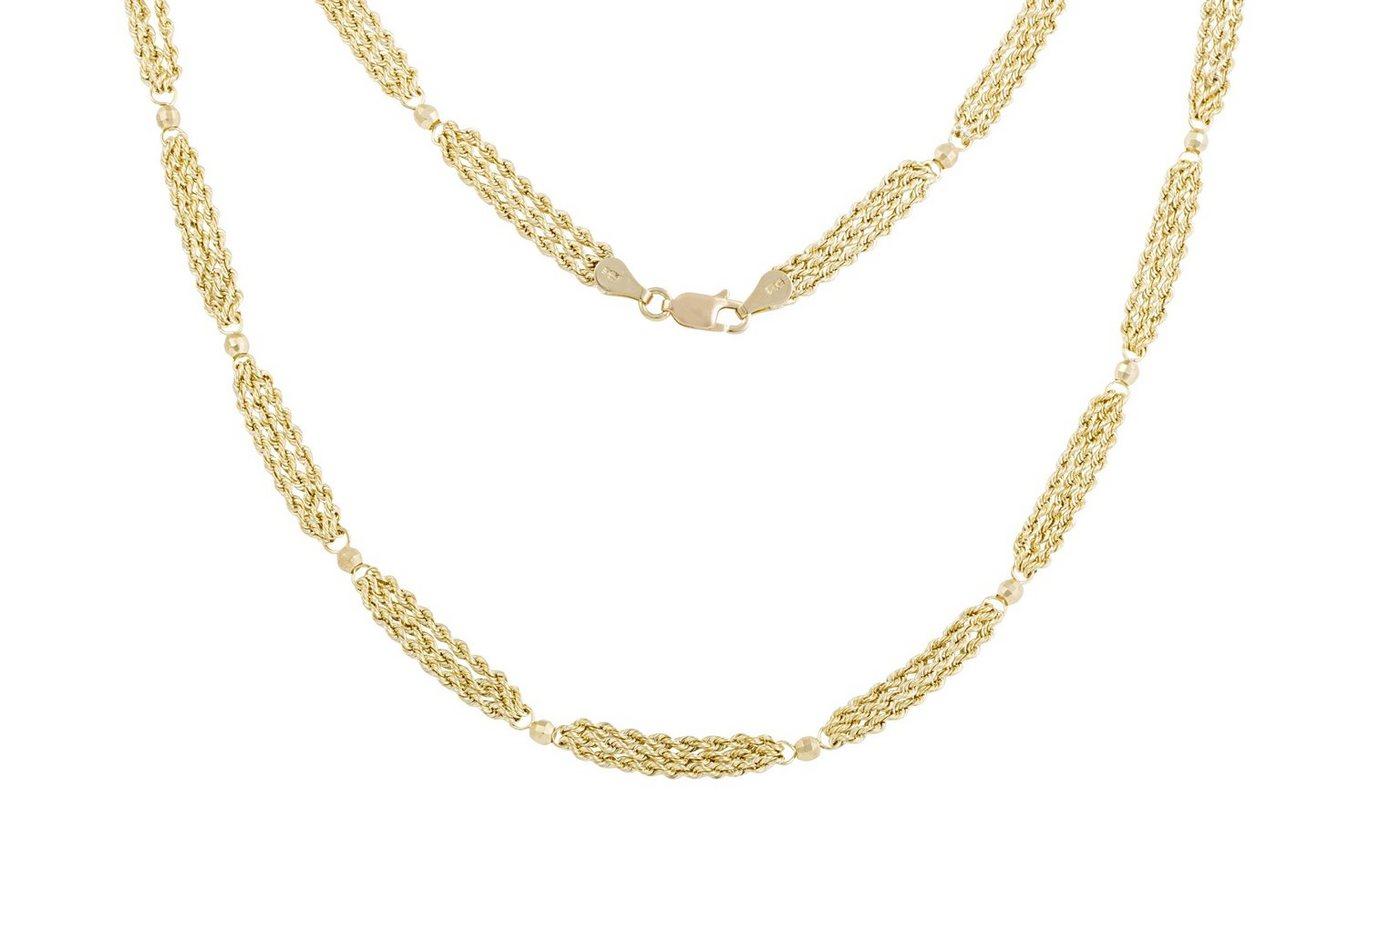 Firetti Collier »Goldkette« mit facettierten Kügelchen | Schmuck > Halsketten > Goldketten | Goldfarben | Firetti